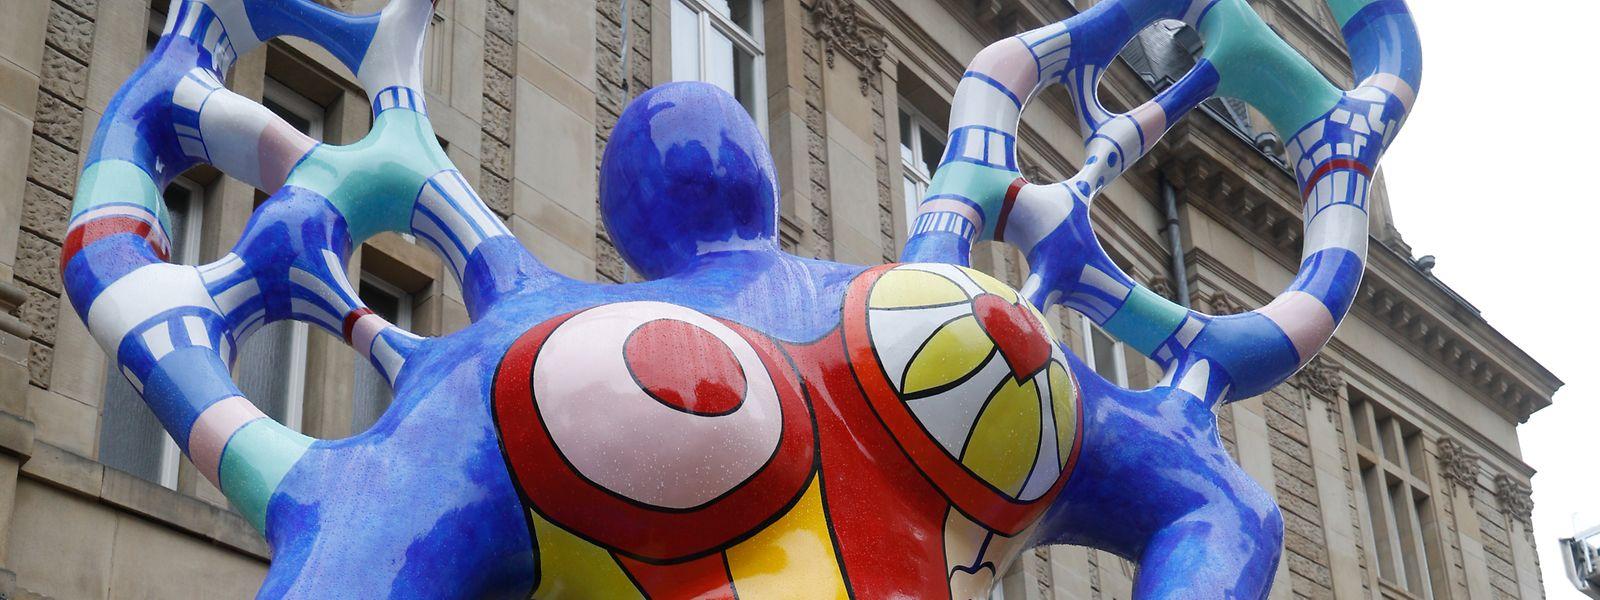 La sculpture revient plus belle que jamais, fière de sa demi-tonne multicolore.